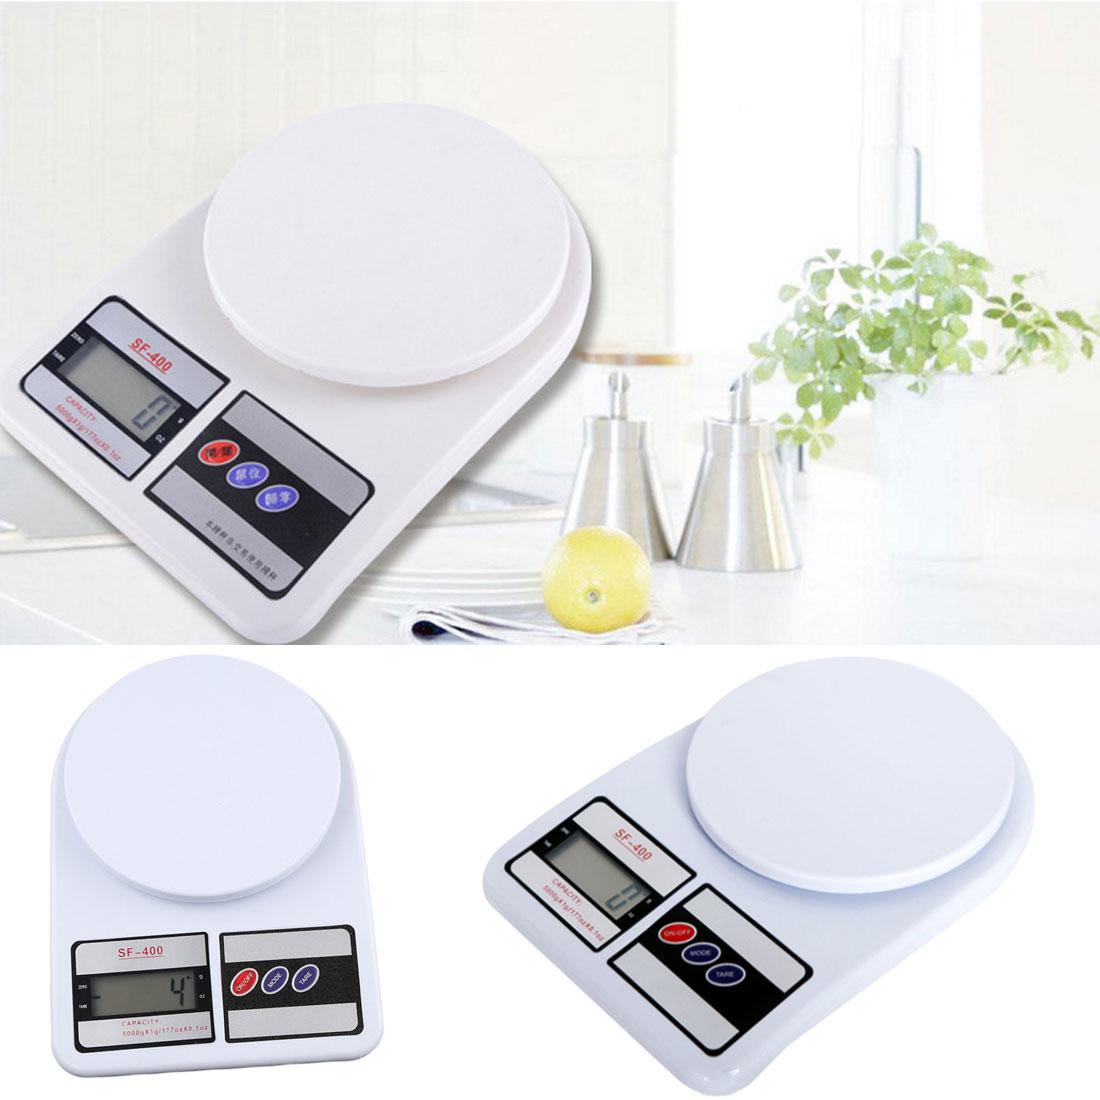 10 kg x 1g Digital Waage Küche Waagen Elektronische Balance 10000g Obst Waage für Ernährung Bodybuilding